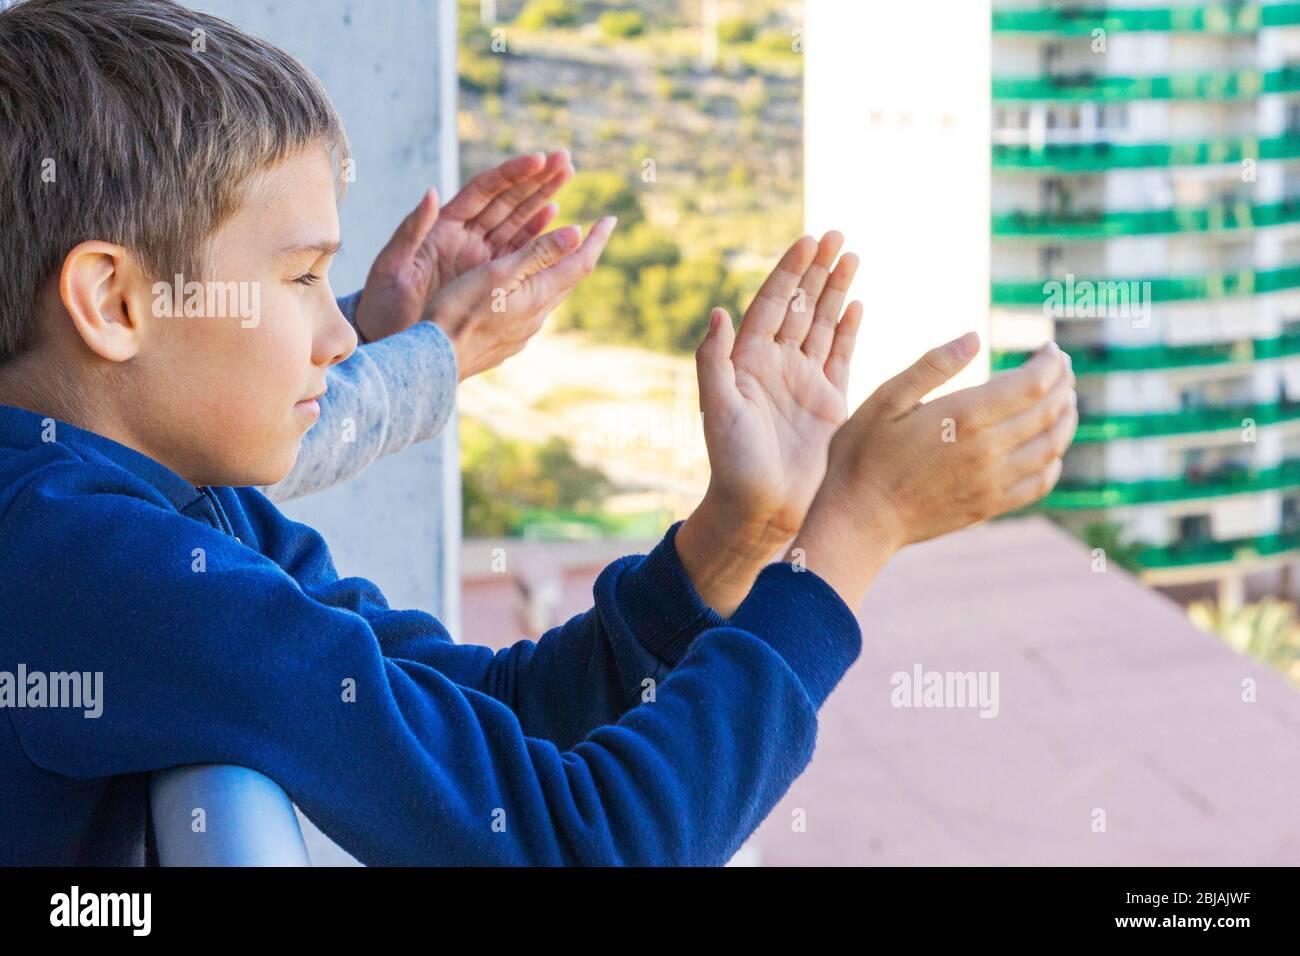 Familia aplaudiendo al personal médico desde el balcón. Las personas golpean los balcones y las ventanas para apoyar a los trabajadores de la salud durante la pandemia del Coronavirus Foto de stock